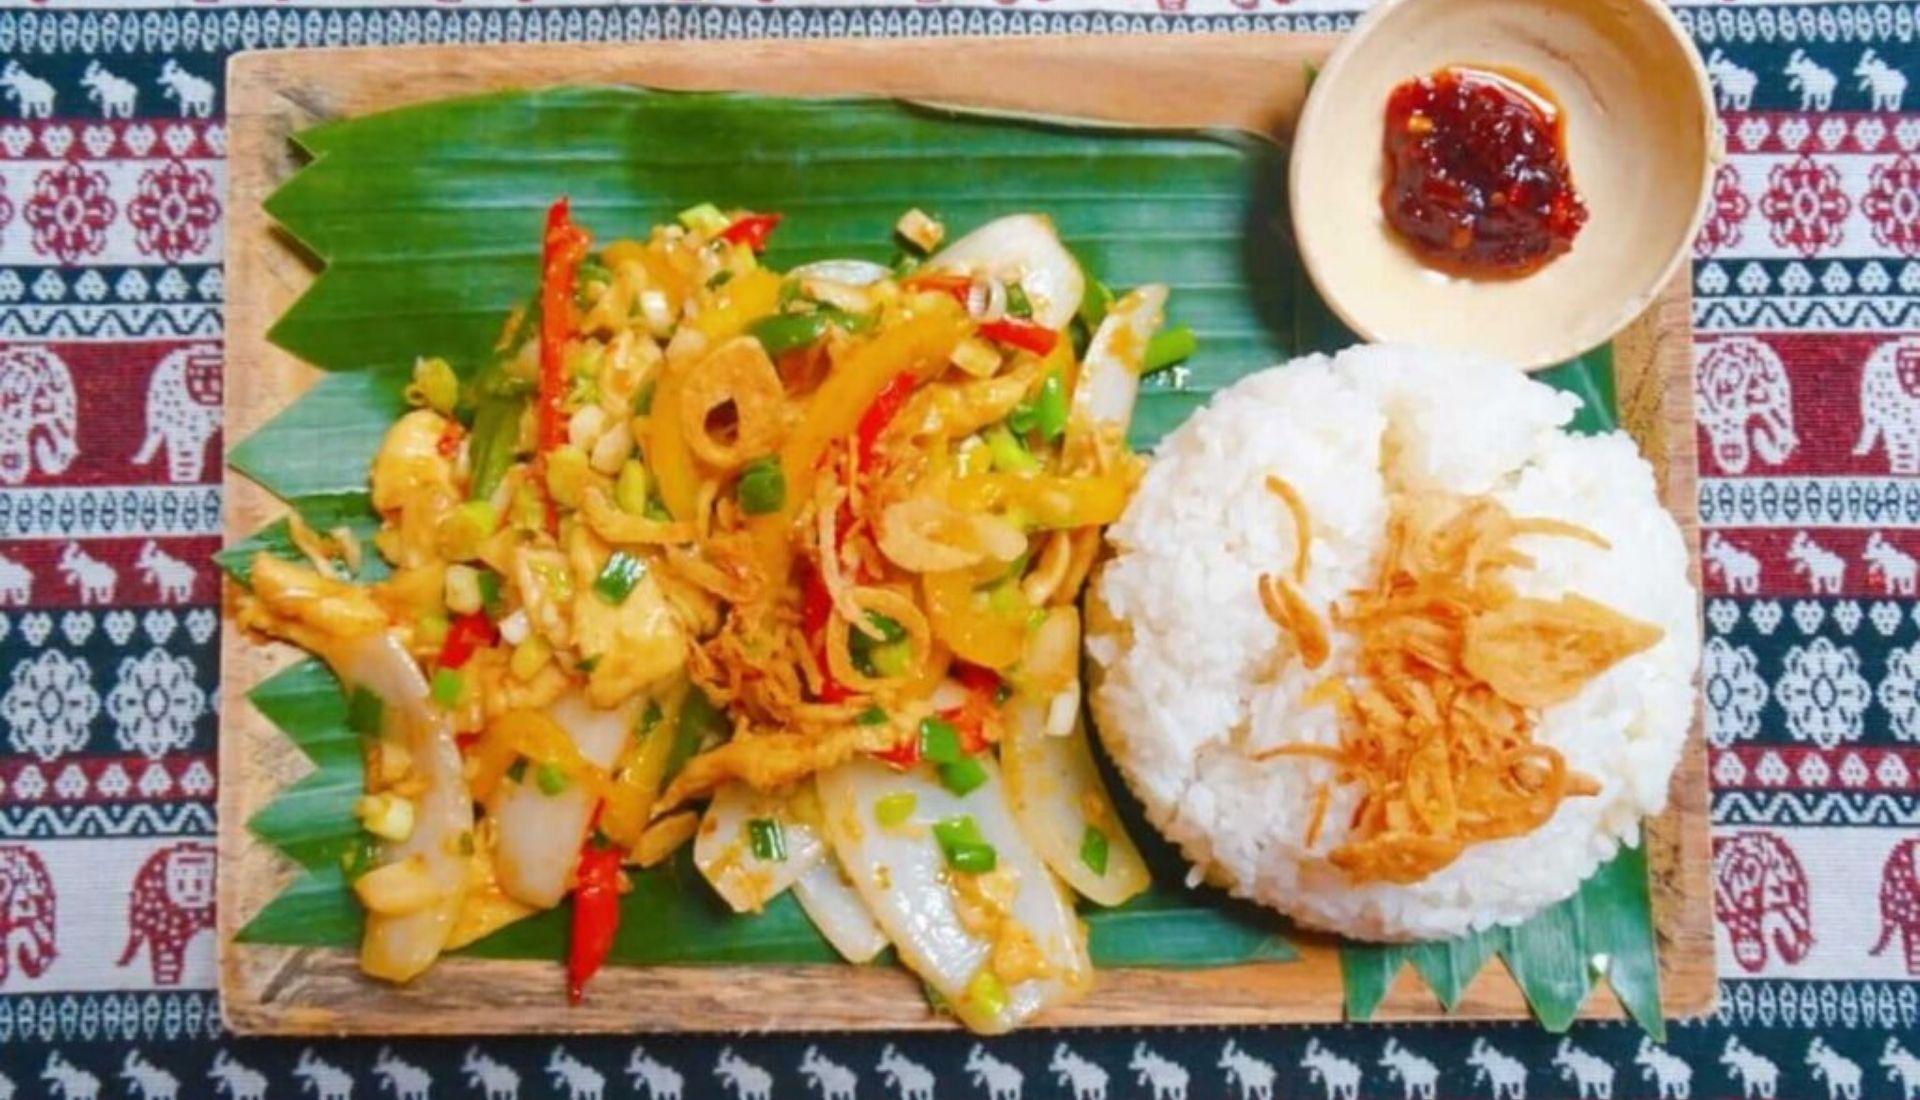 Nook Restaurant in Hue